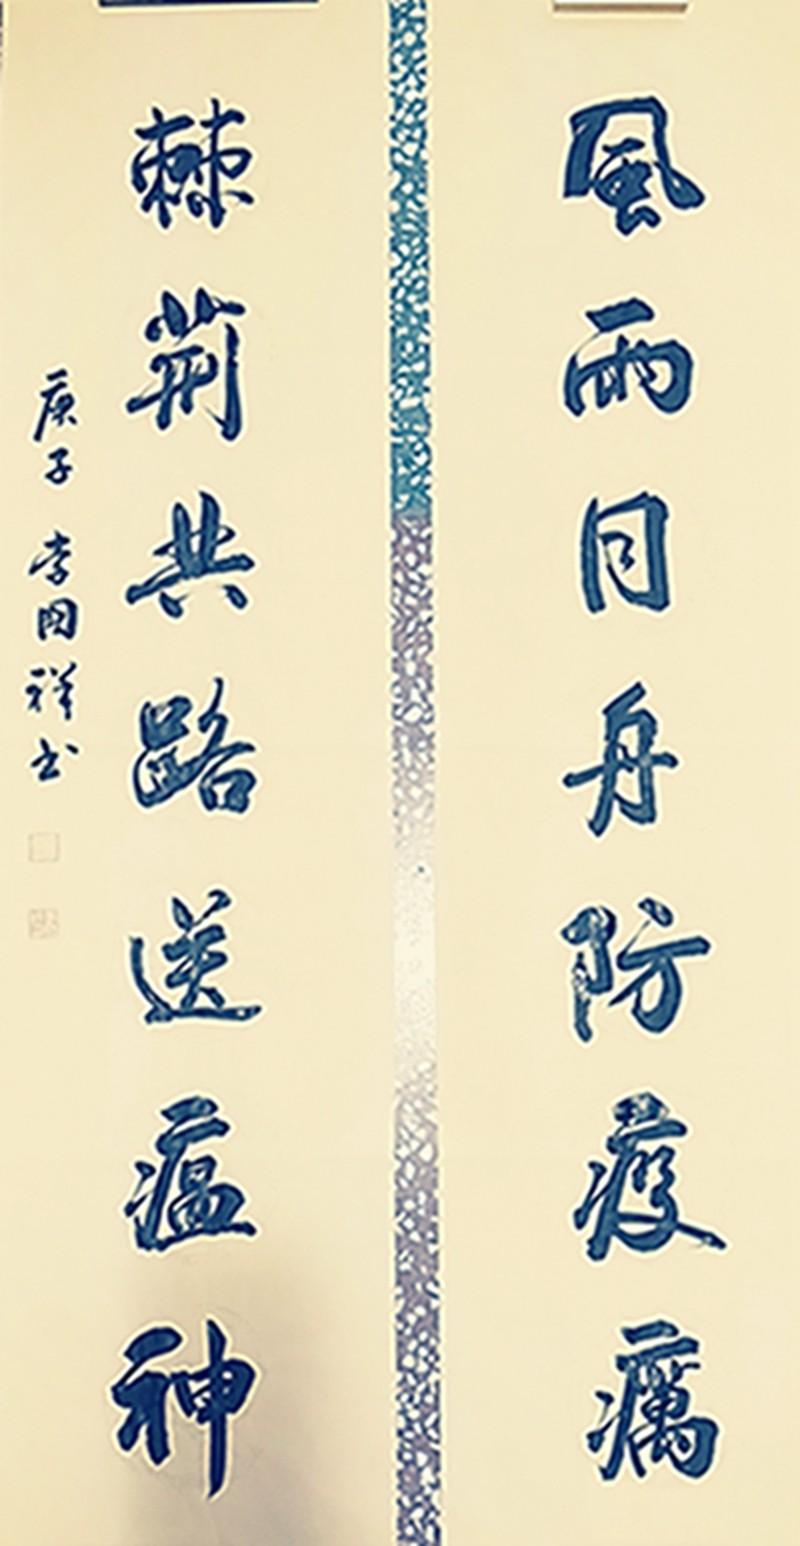 5、抗疫联 李国祥 安化县茶乡书画院 13875366619.jpg